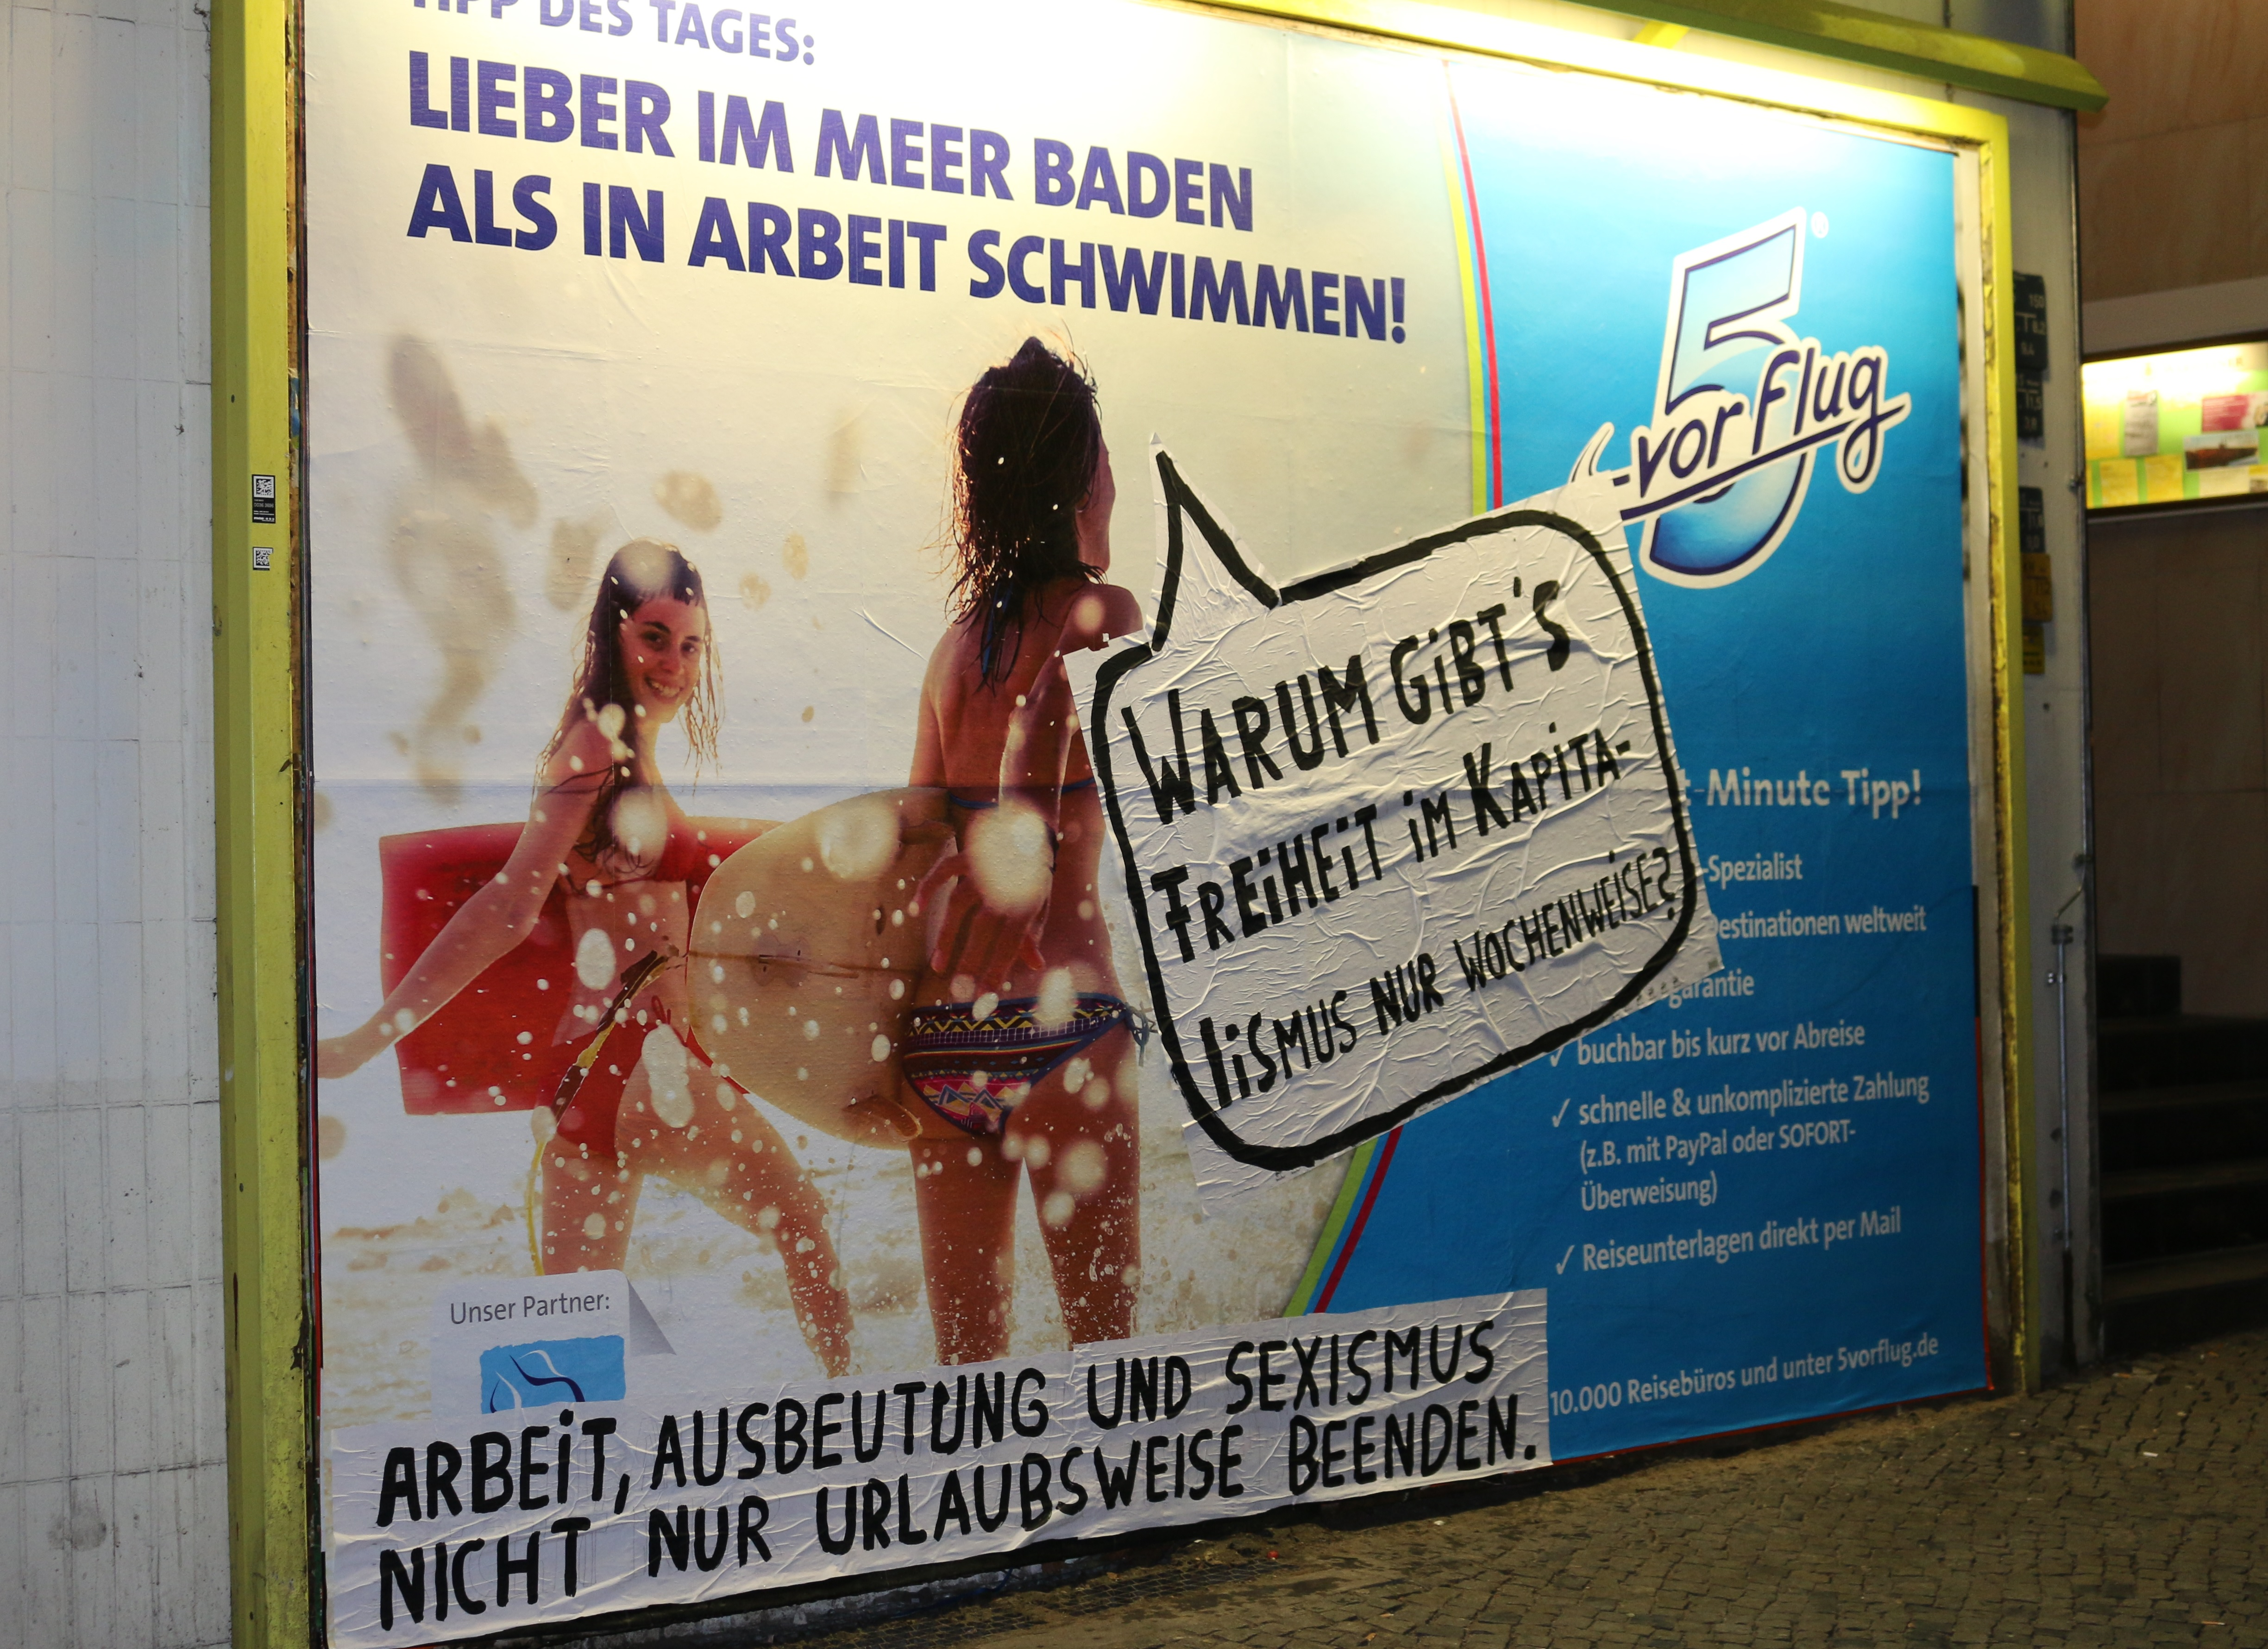 Adbusting zu Sexismus am Bahnhof Halensee